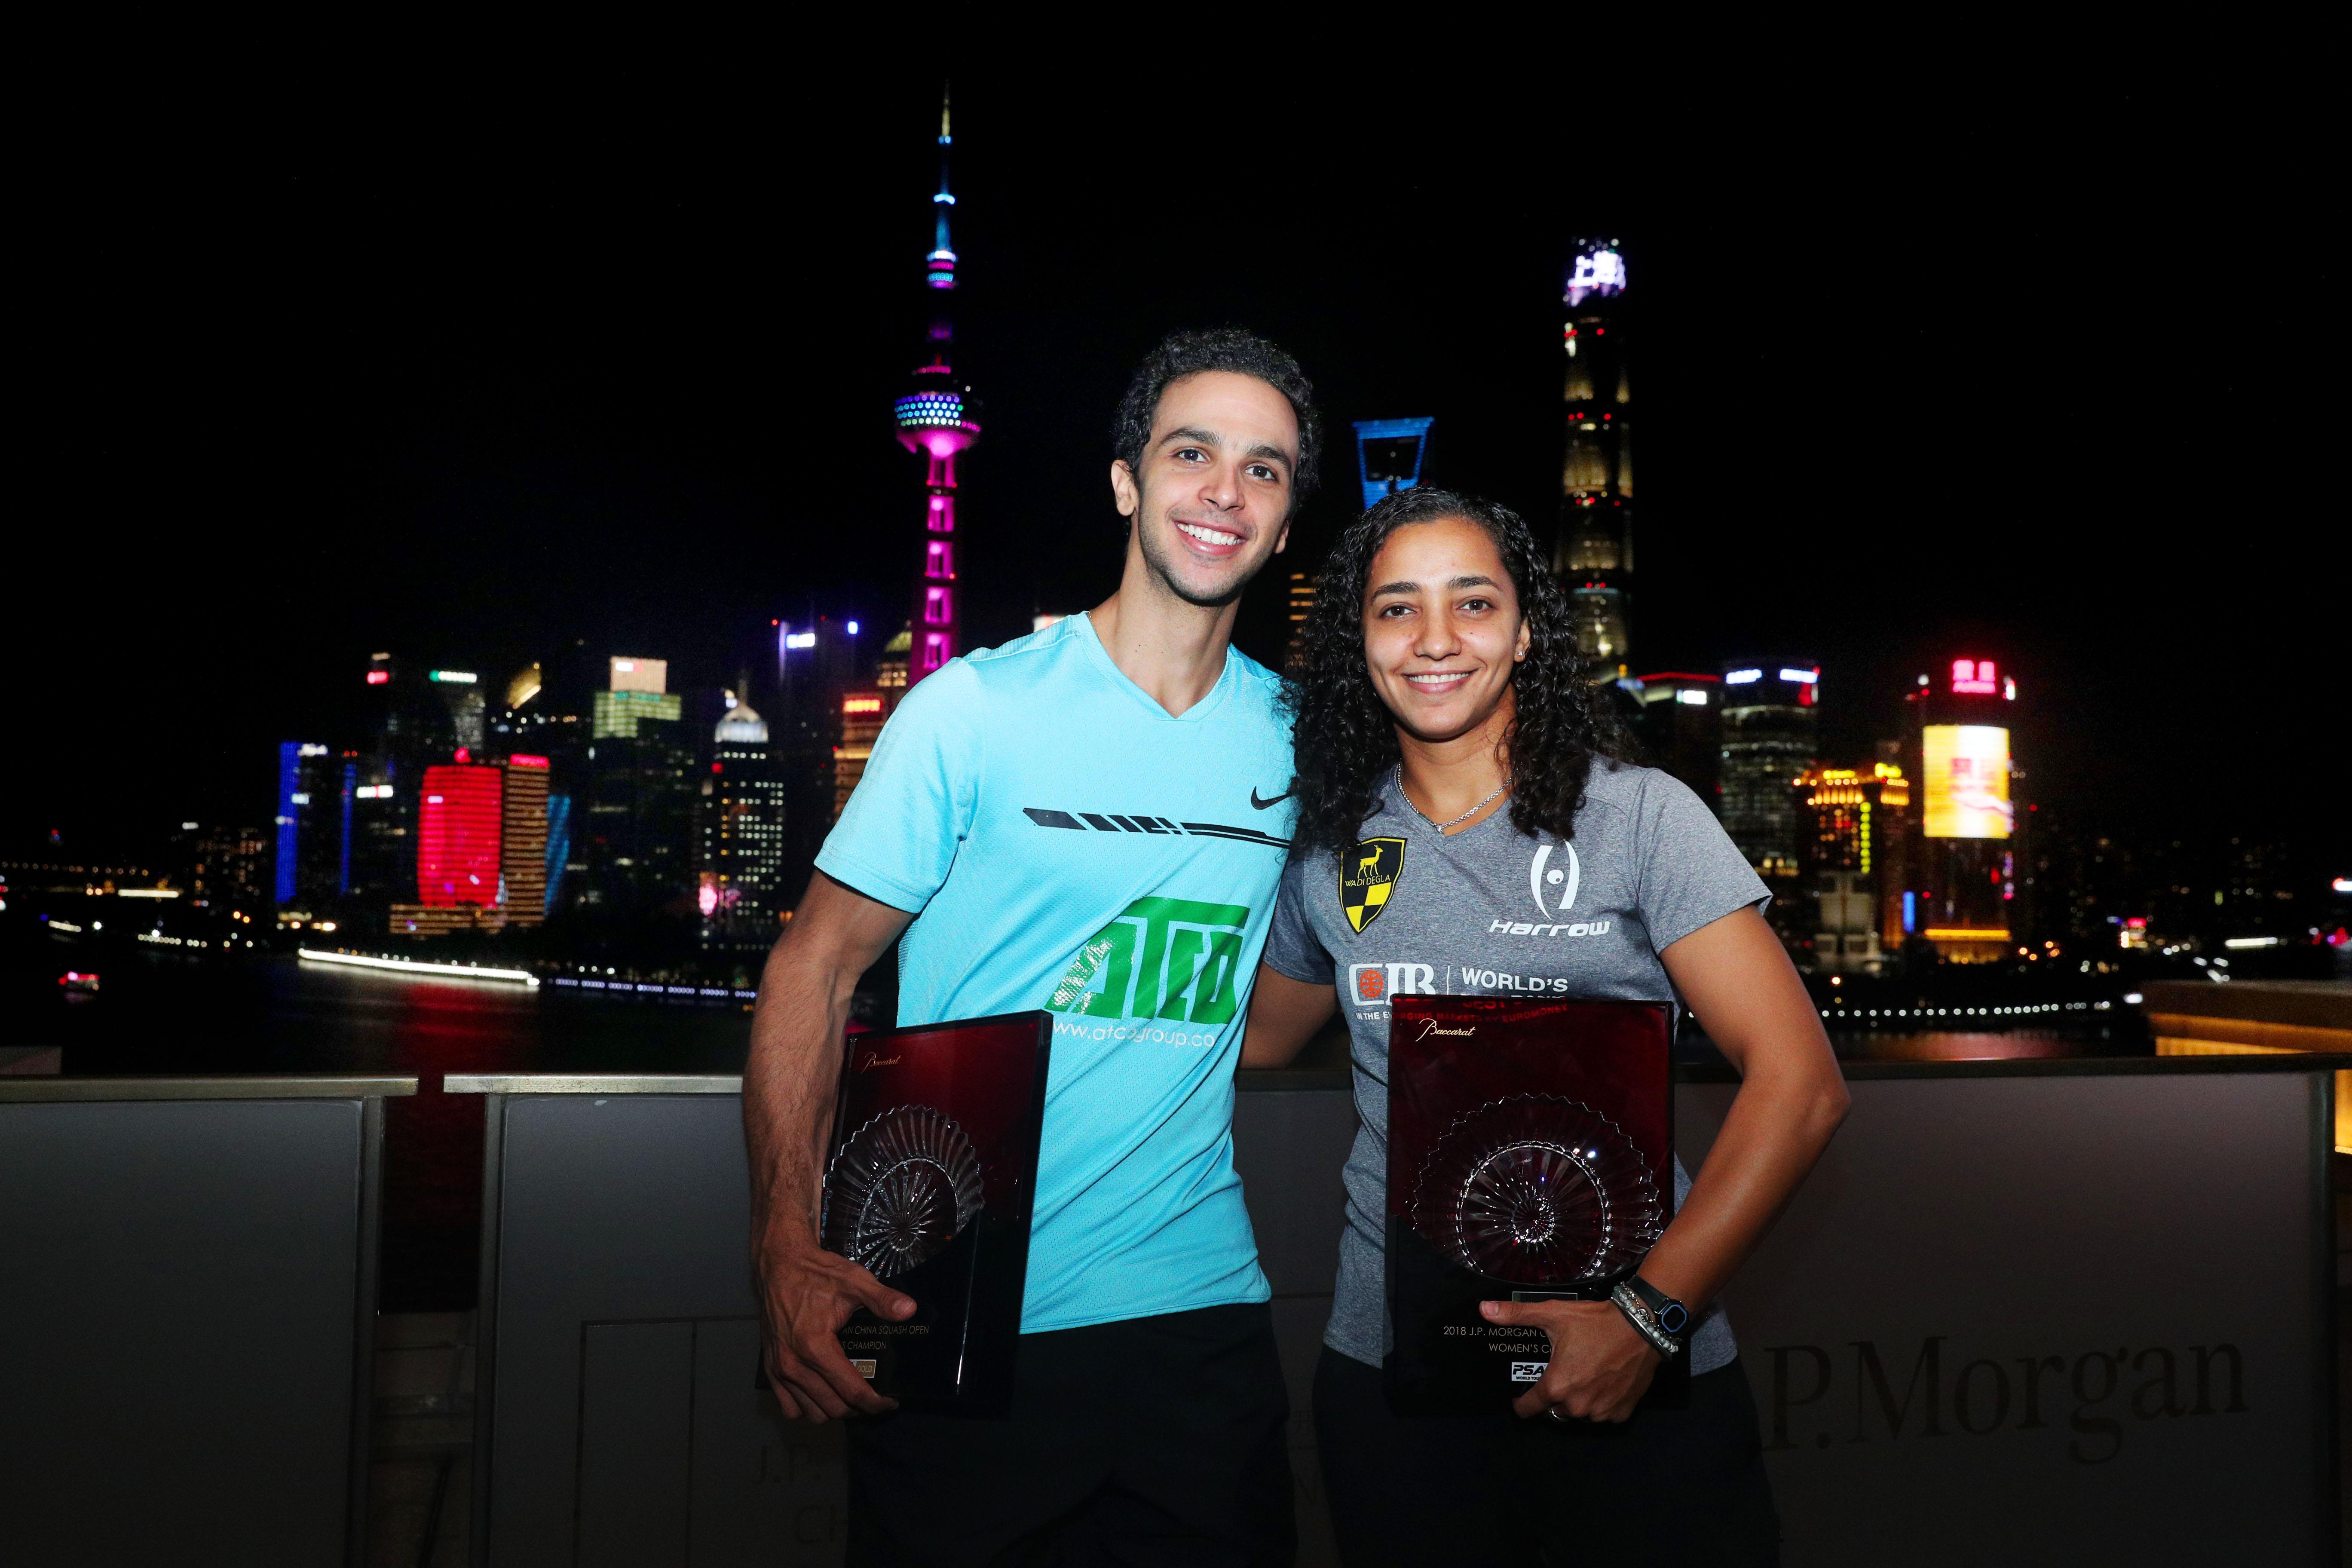 中国壁球公开赛收官  埃及选手包揽男女组冠军